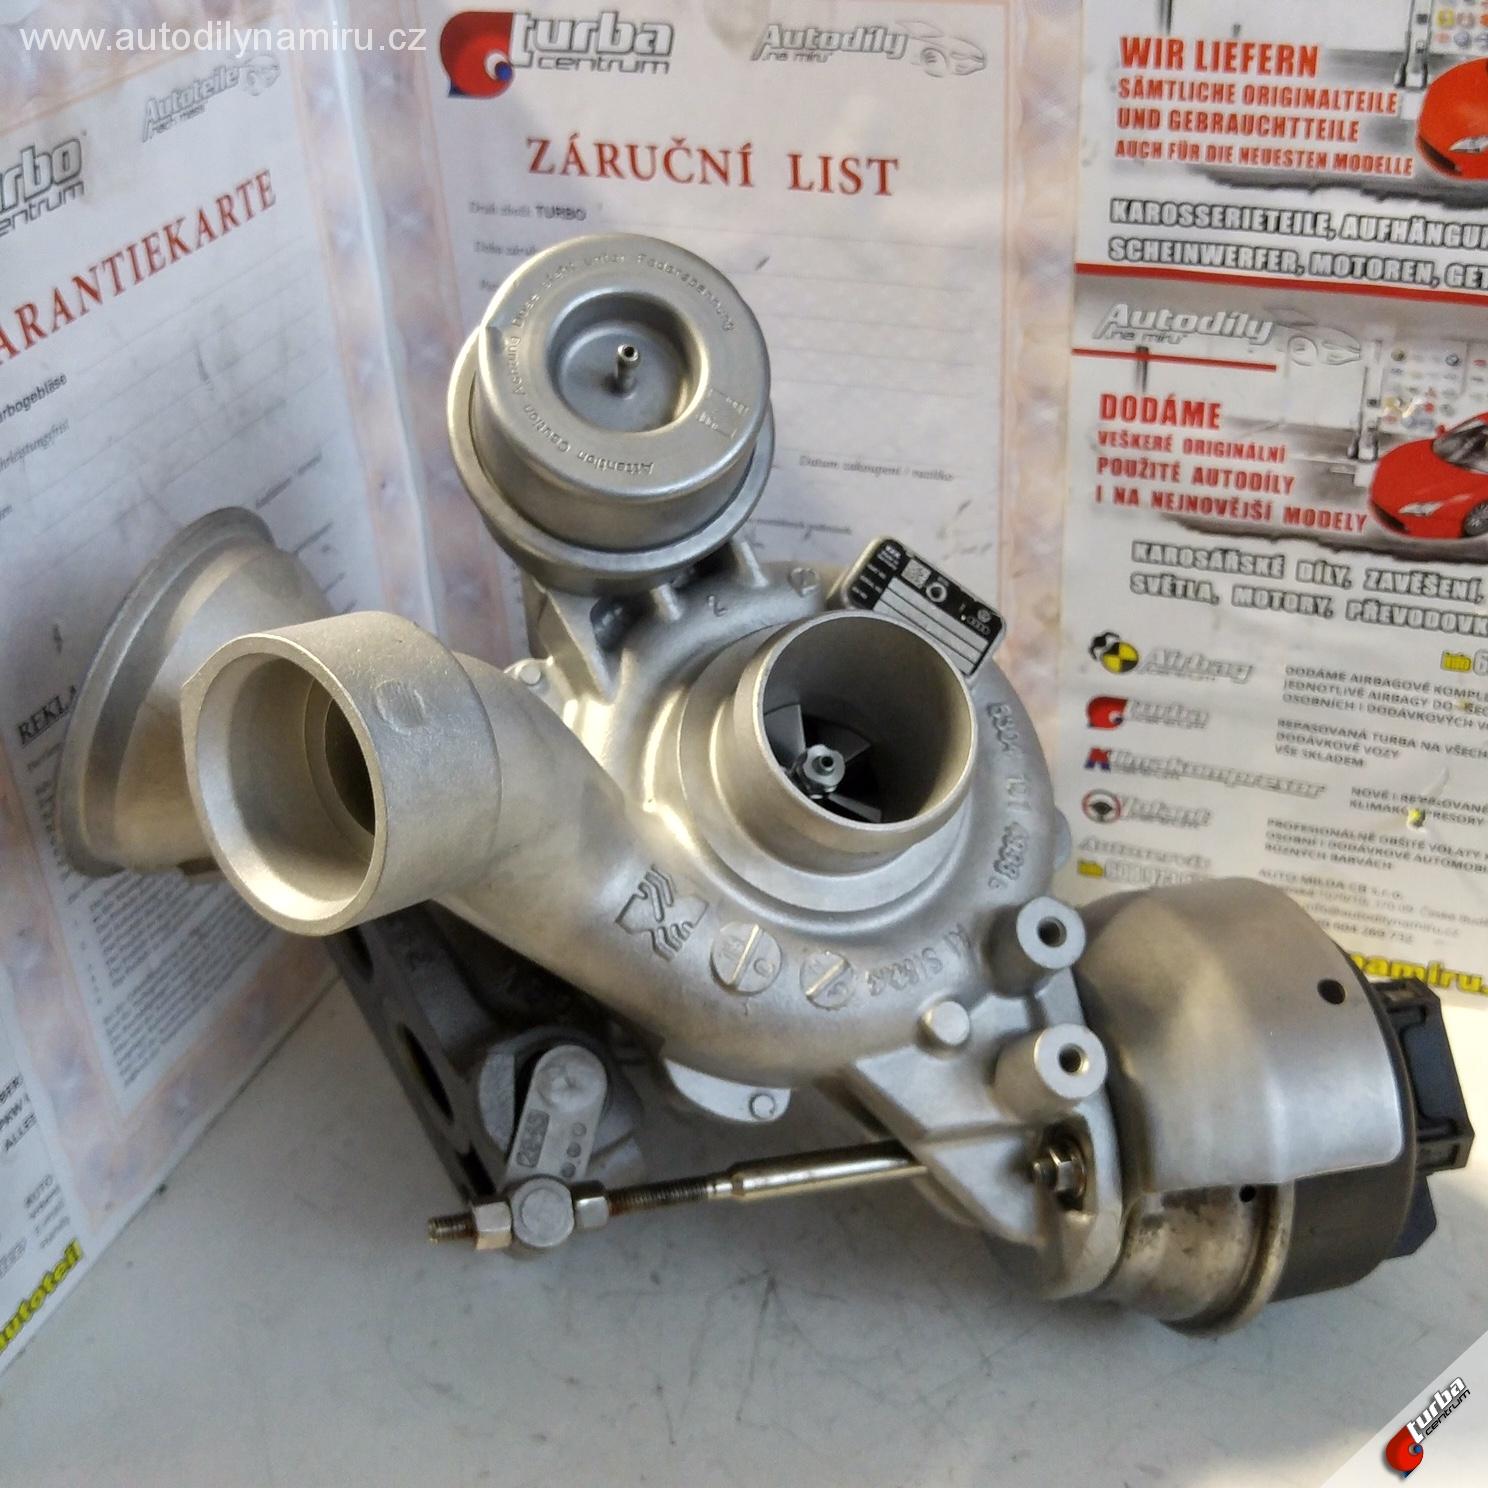 Turbo VW Amarok 122kw